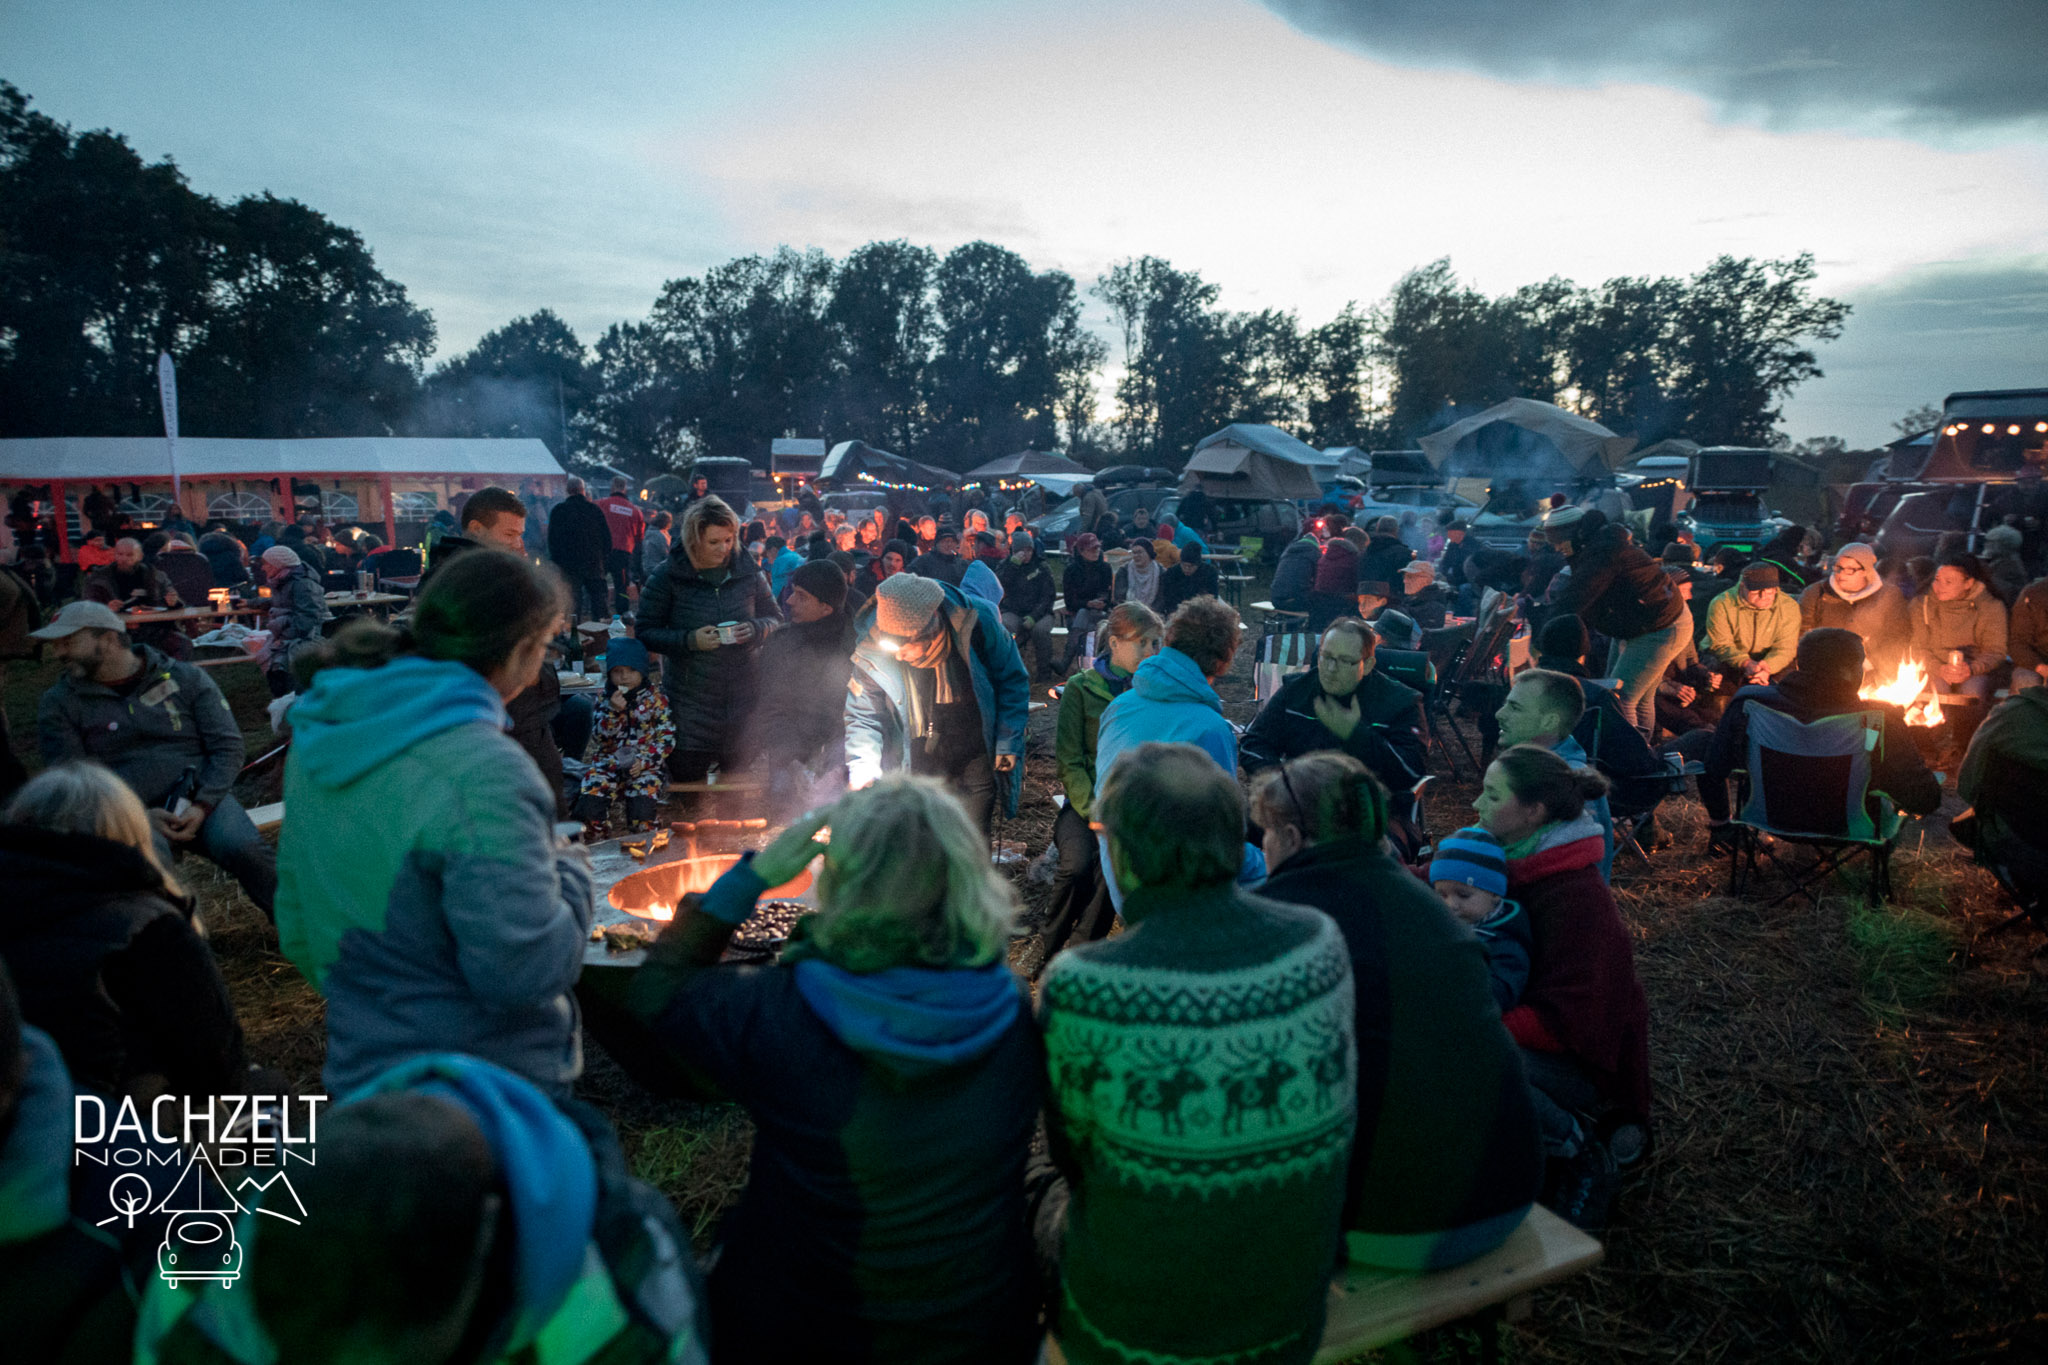 20191018-Dachzelt-Camp-Speciaal-Dennis-Brandt- DB 2681